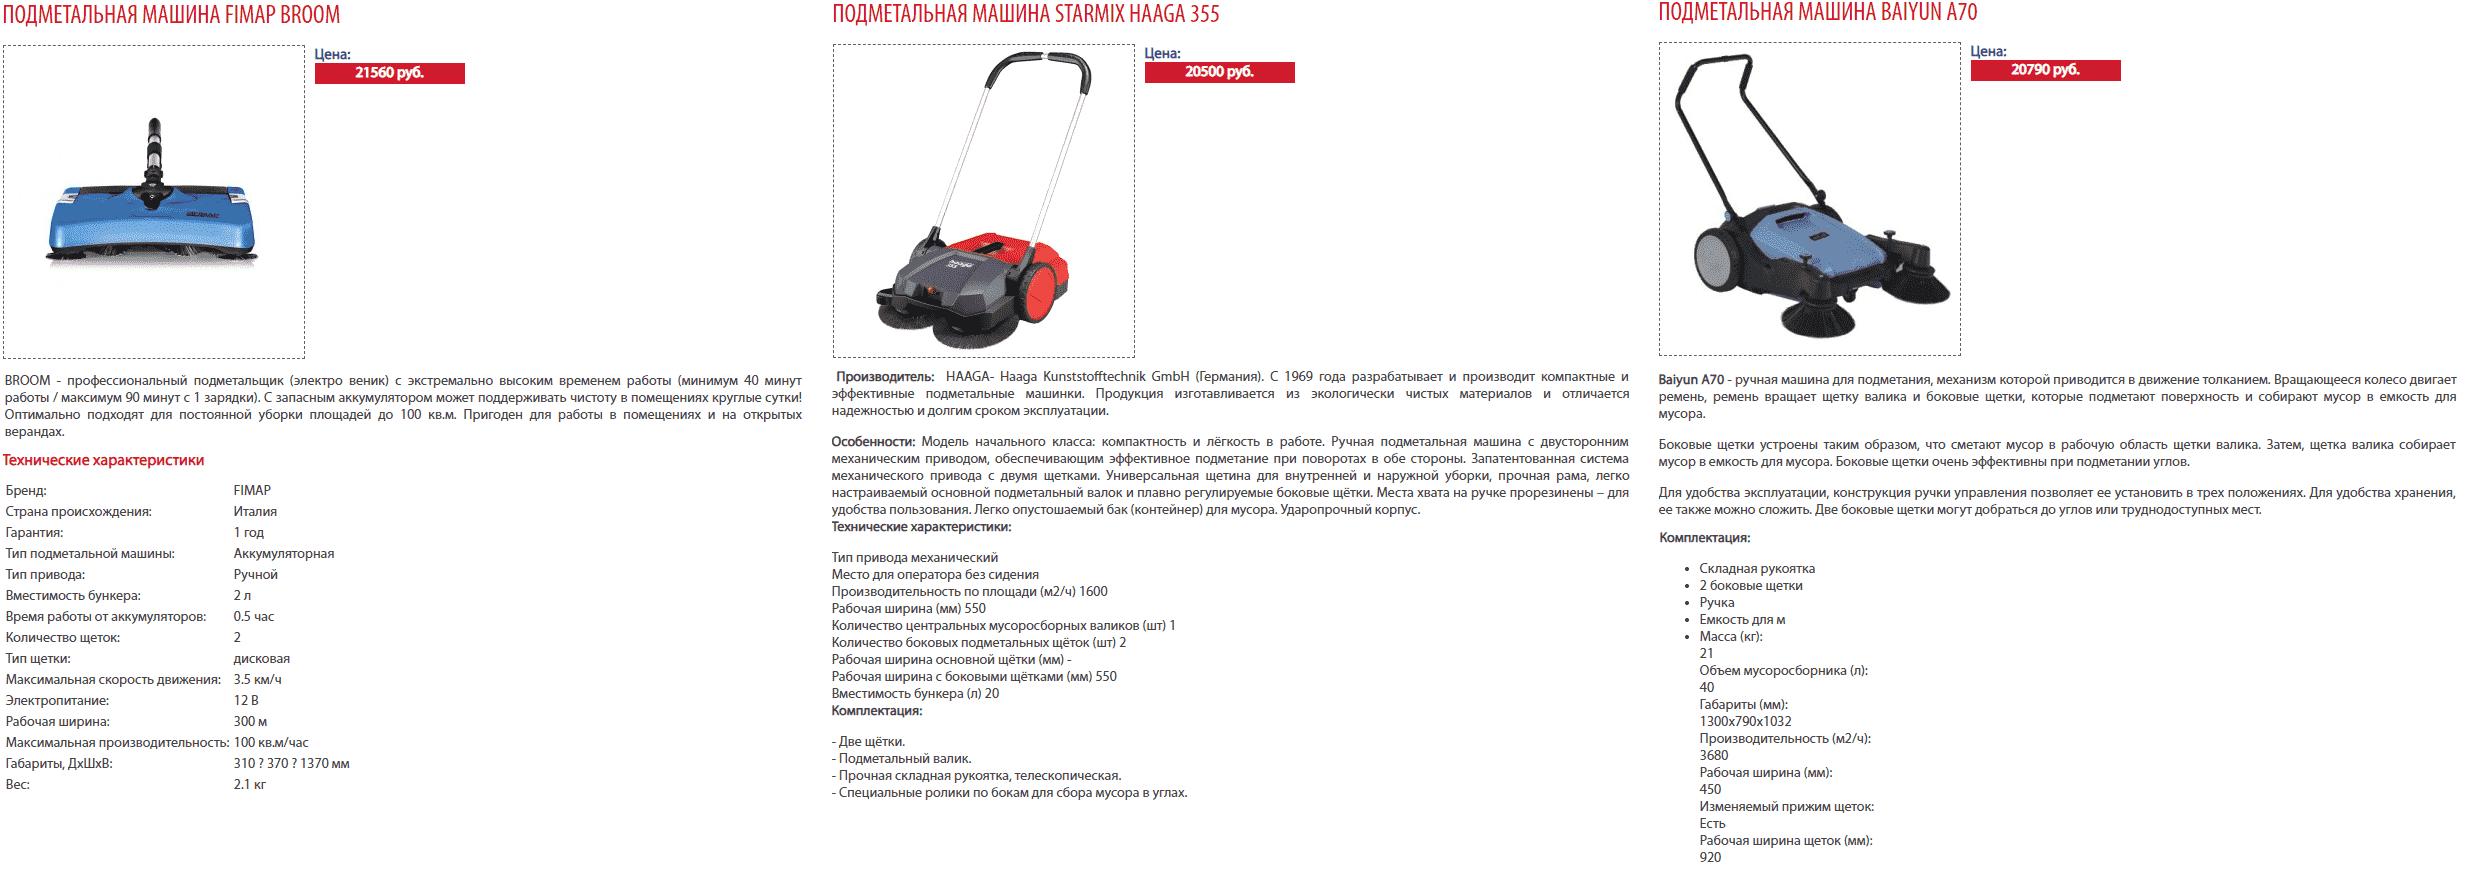 дорожный пылесос вакуумная подметально-уборочная машина